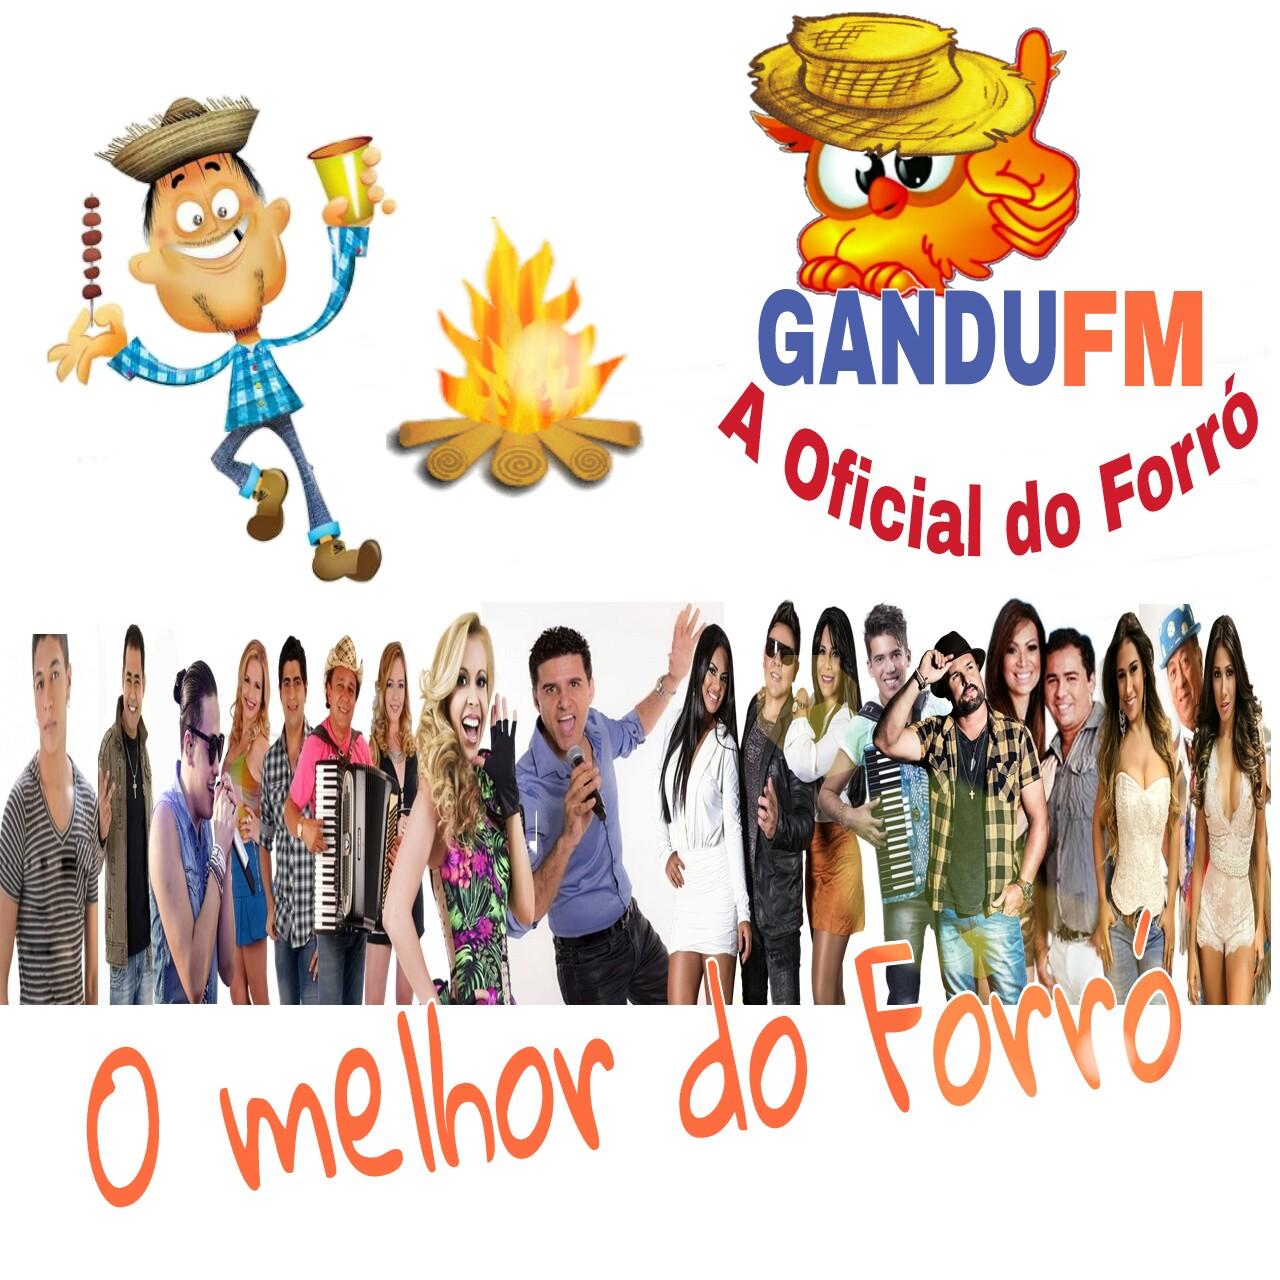 GANDU FM